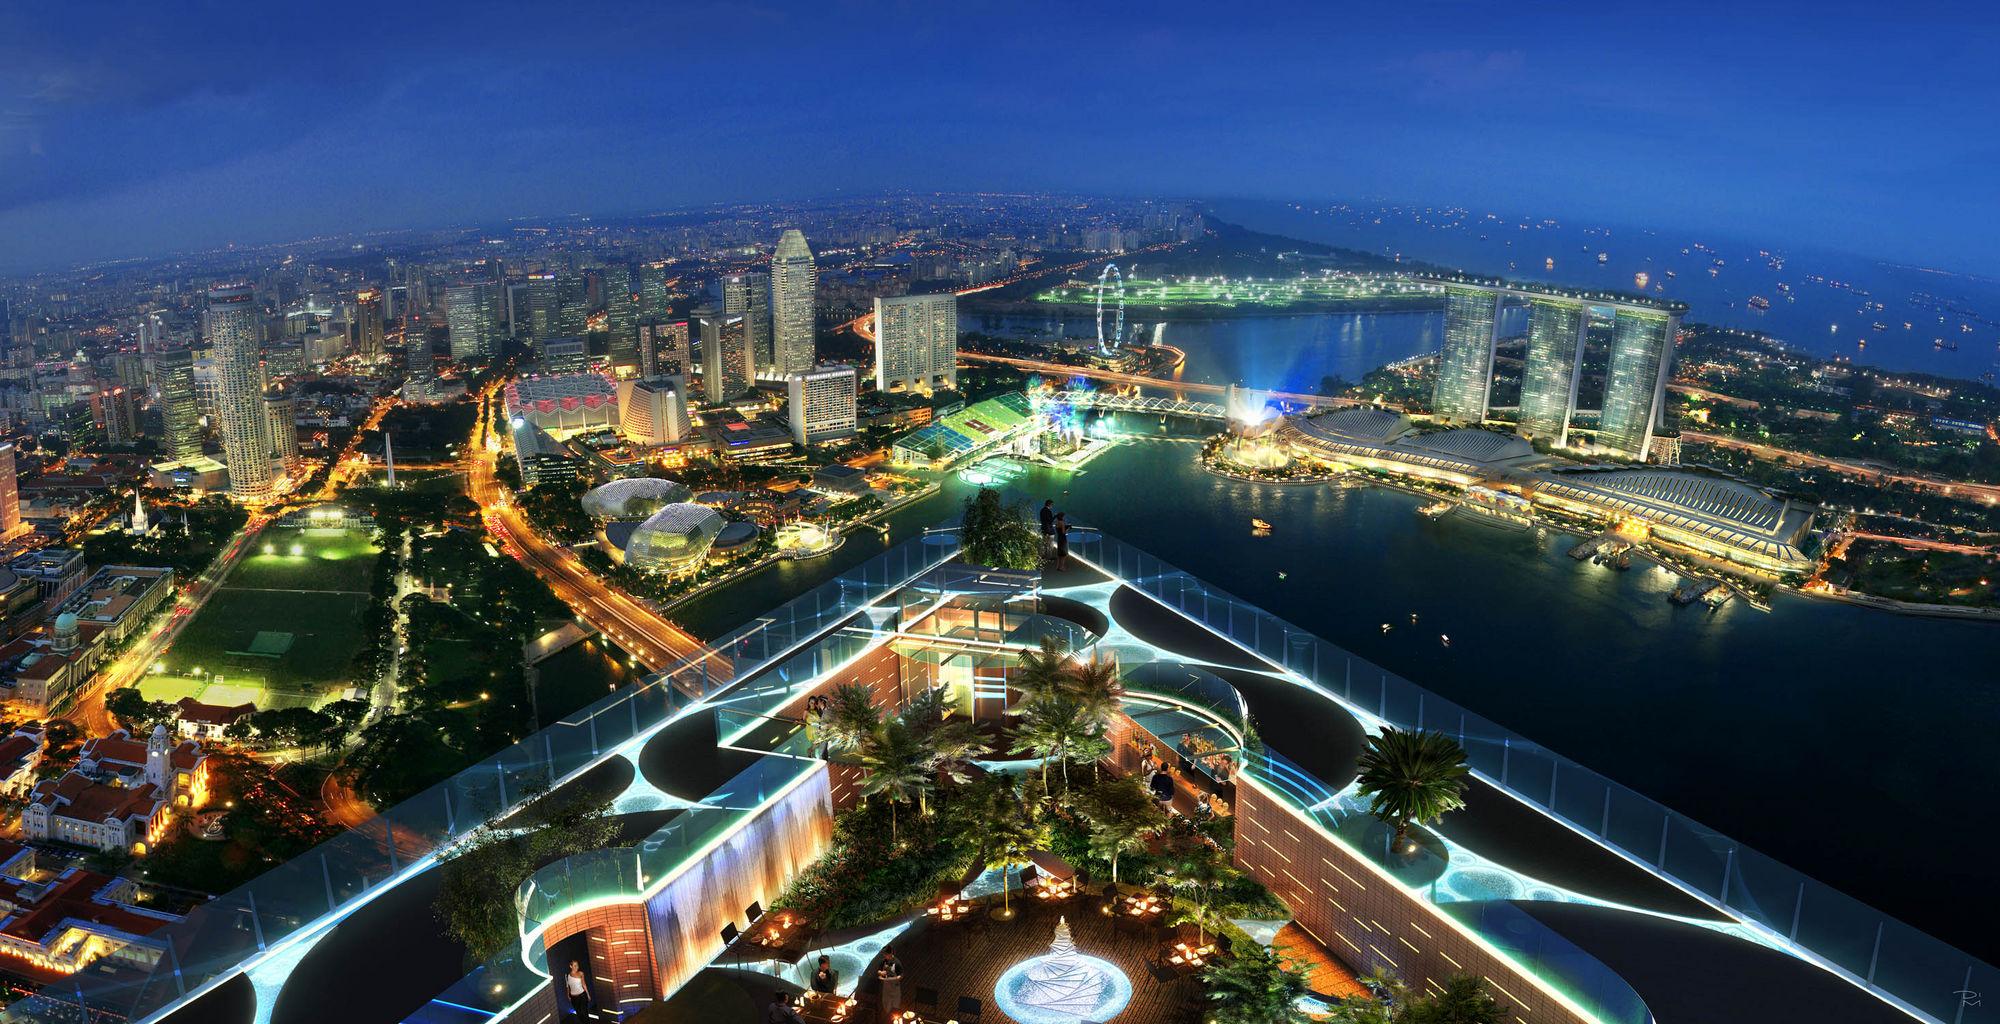 1-Altitude - Singapore